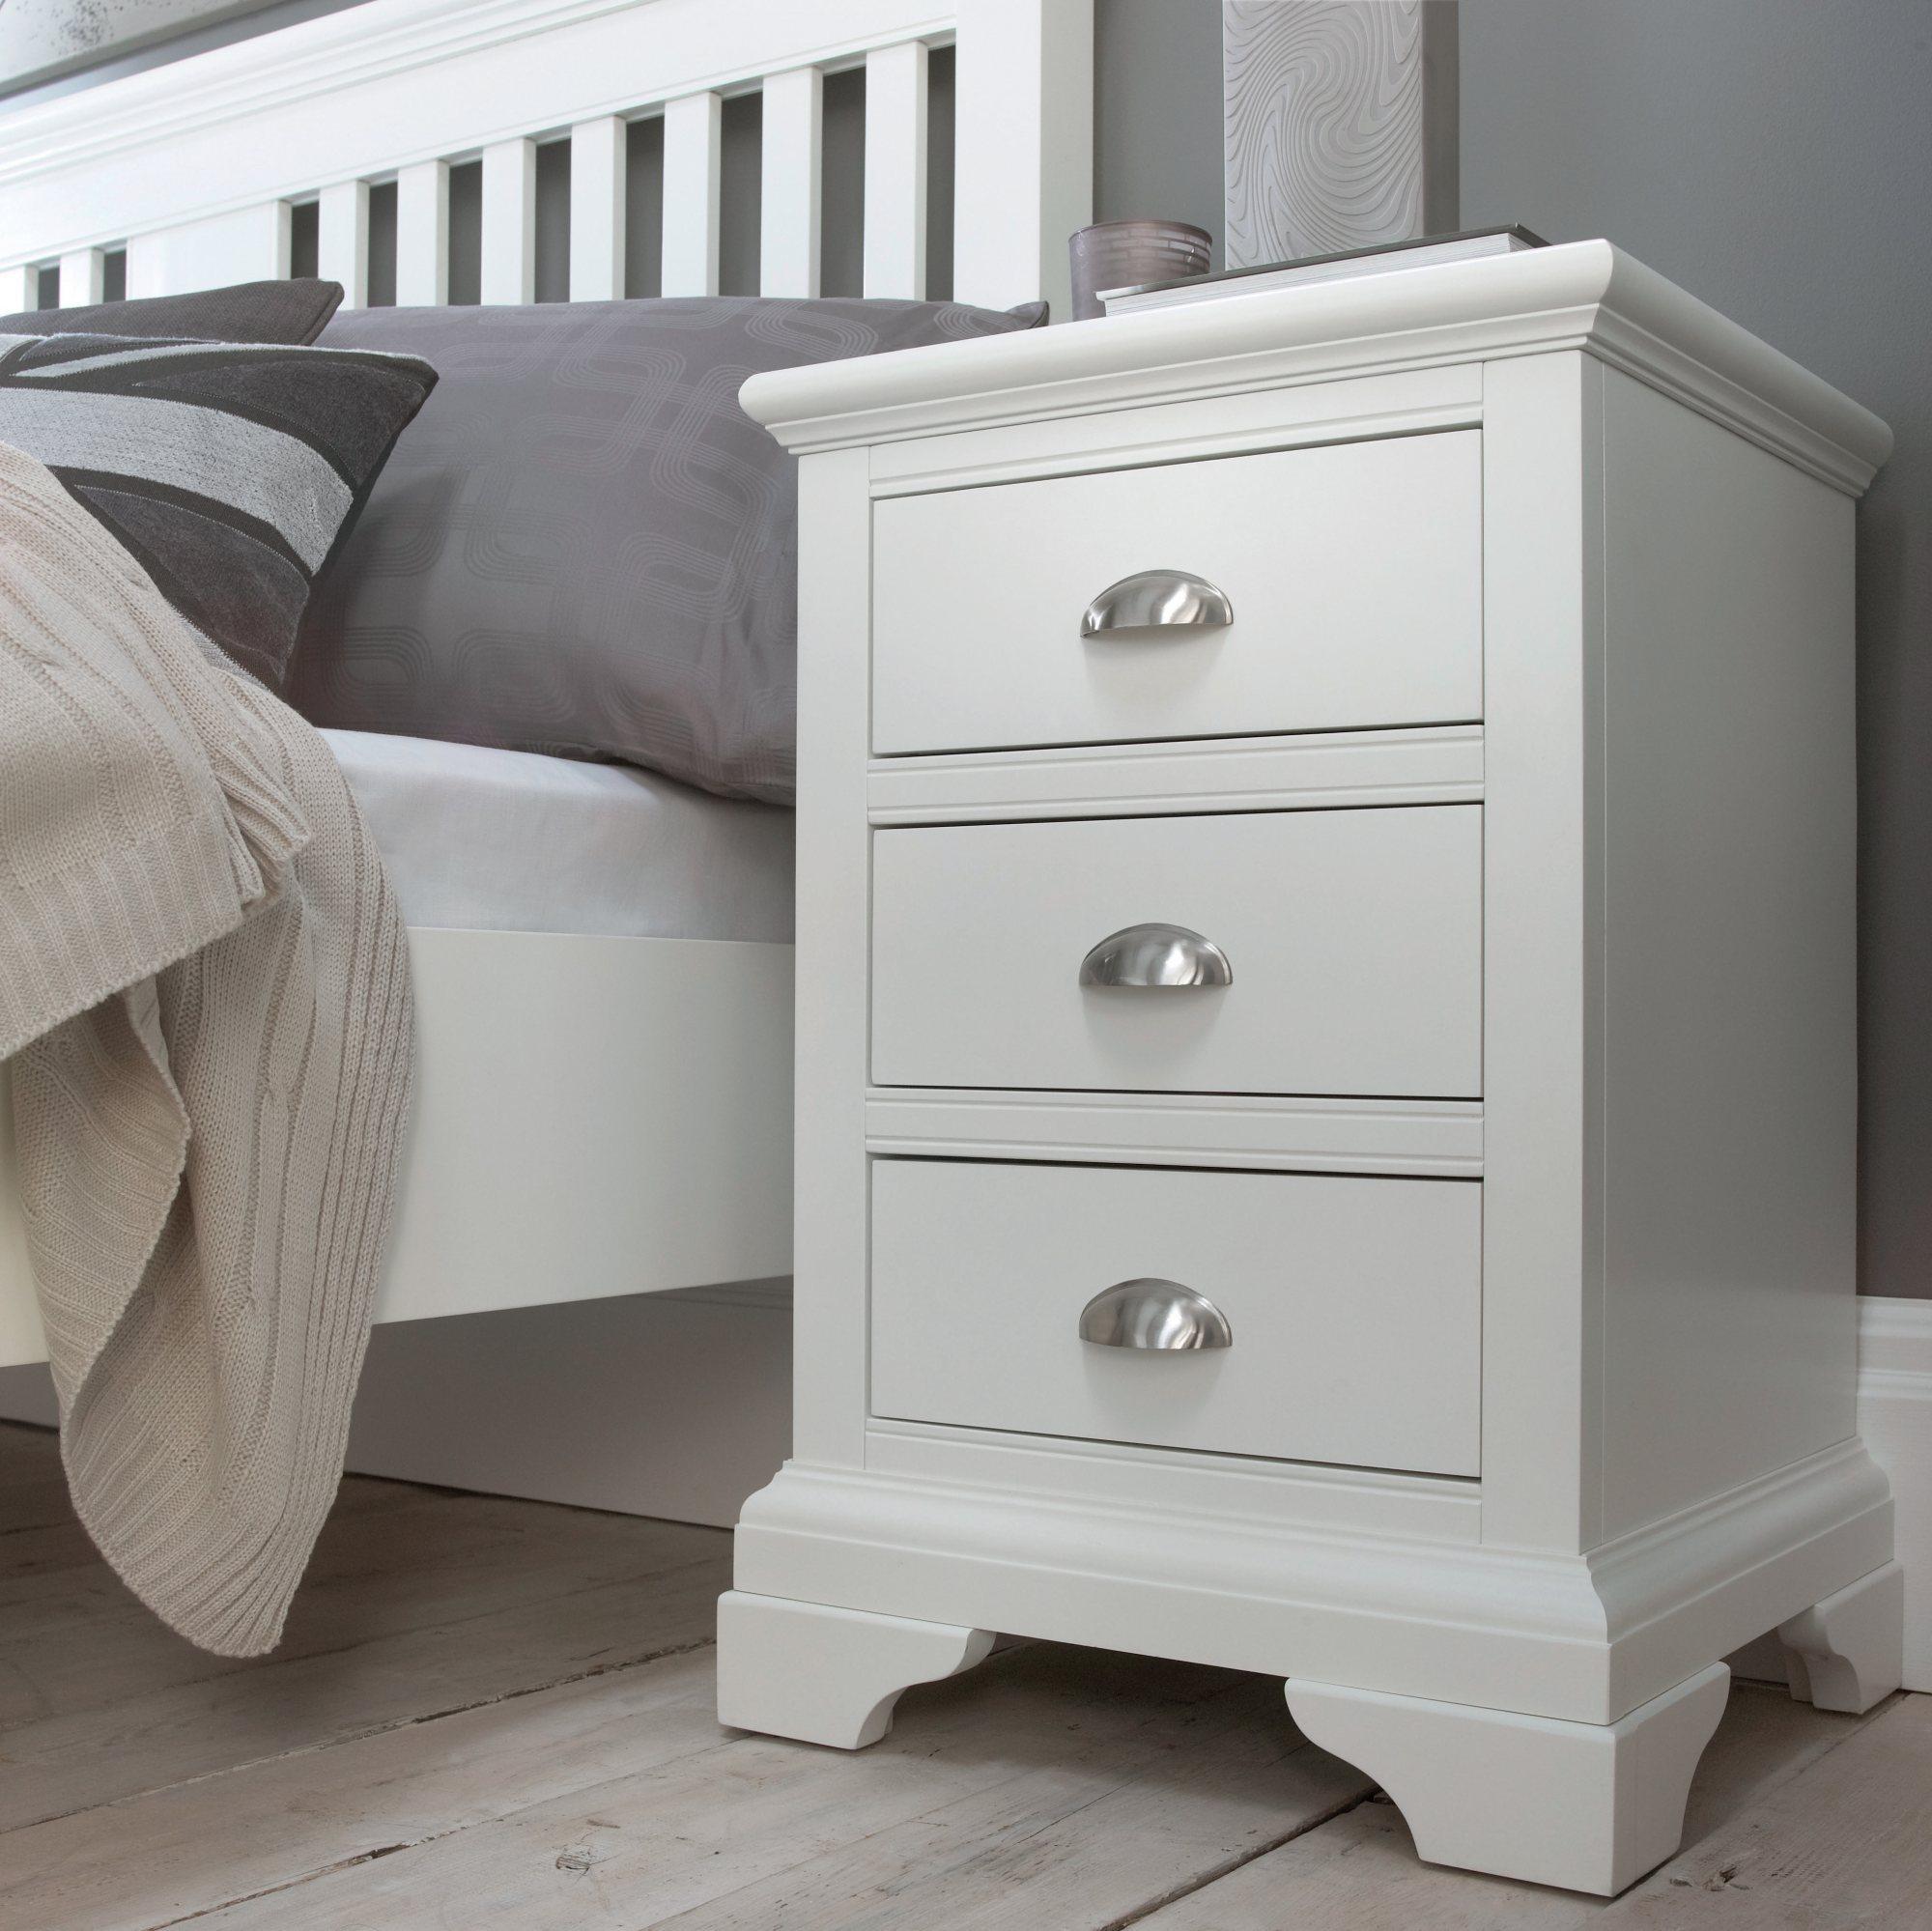 KYRA WHITE 3DR BEDSIDE L46cm x D42cm H67cm